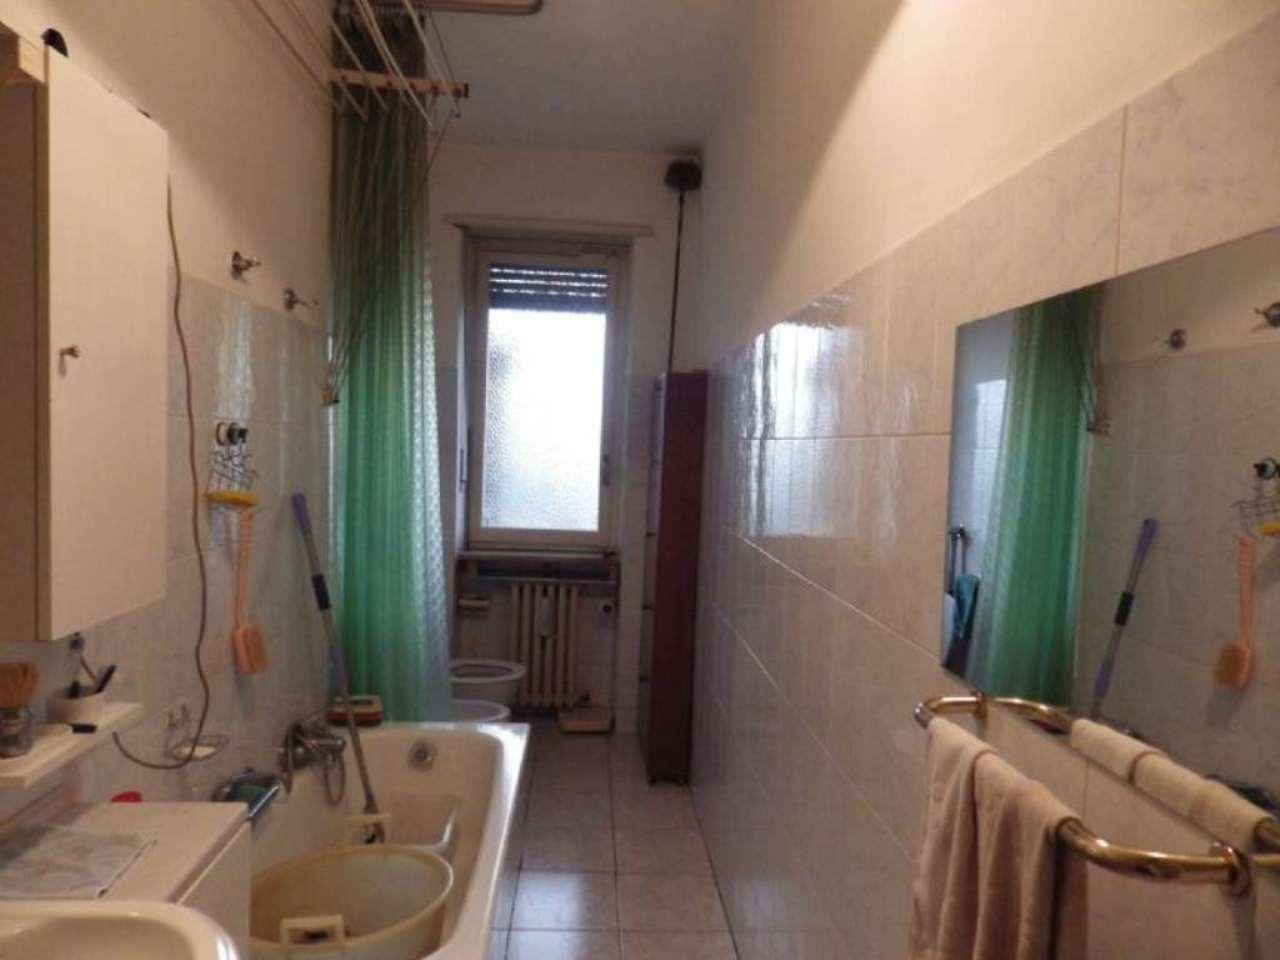 Bilocale Grugliasco Via D. Galimberti 6